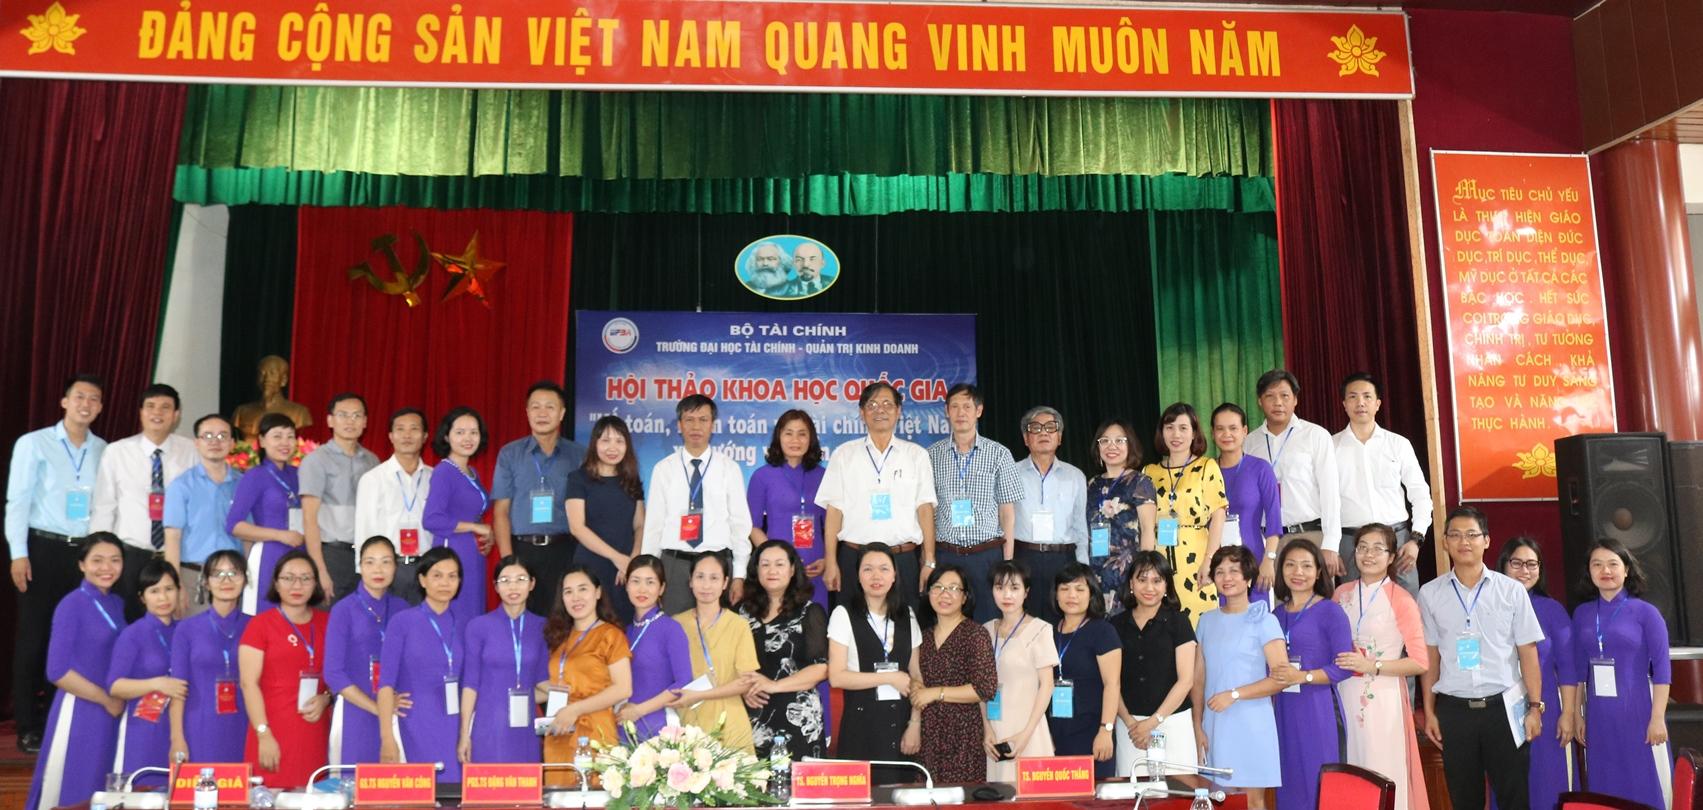 """Hội thảo khoa học quốc gia: """" Kế toán, Kiểm toán và Tài chính Việt Nam - Xu hướng và triển vọng"""""""